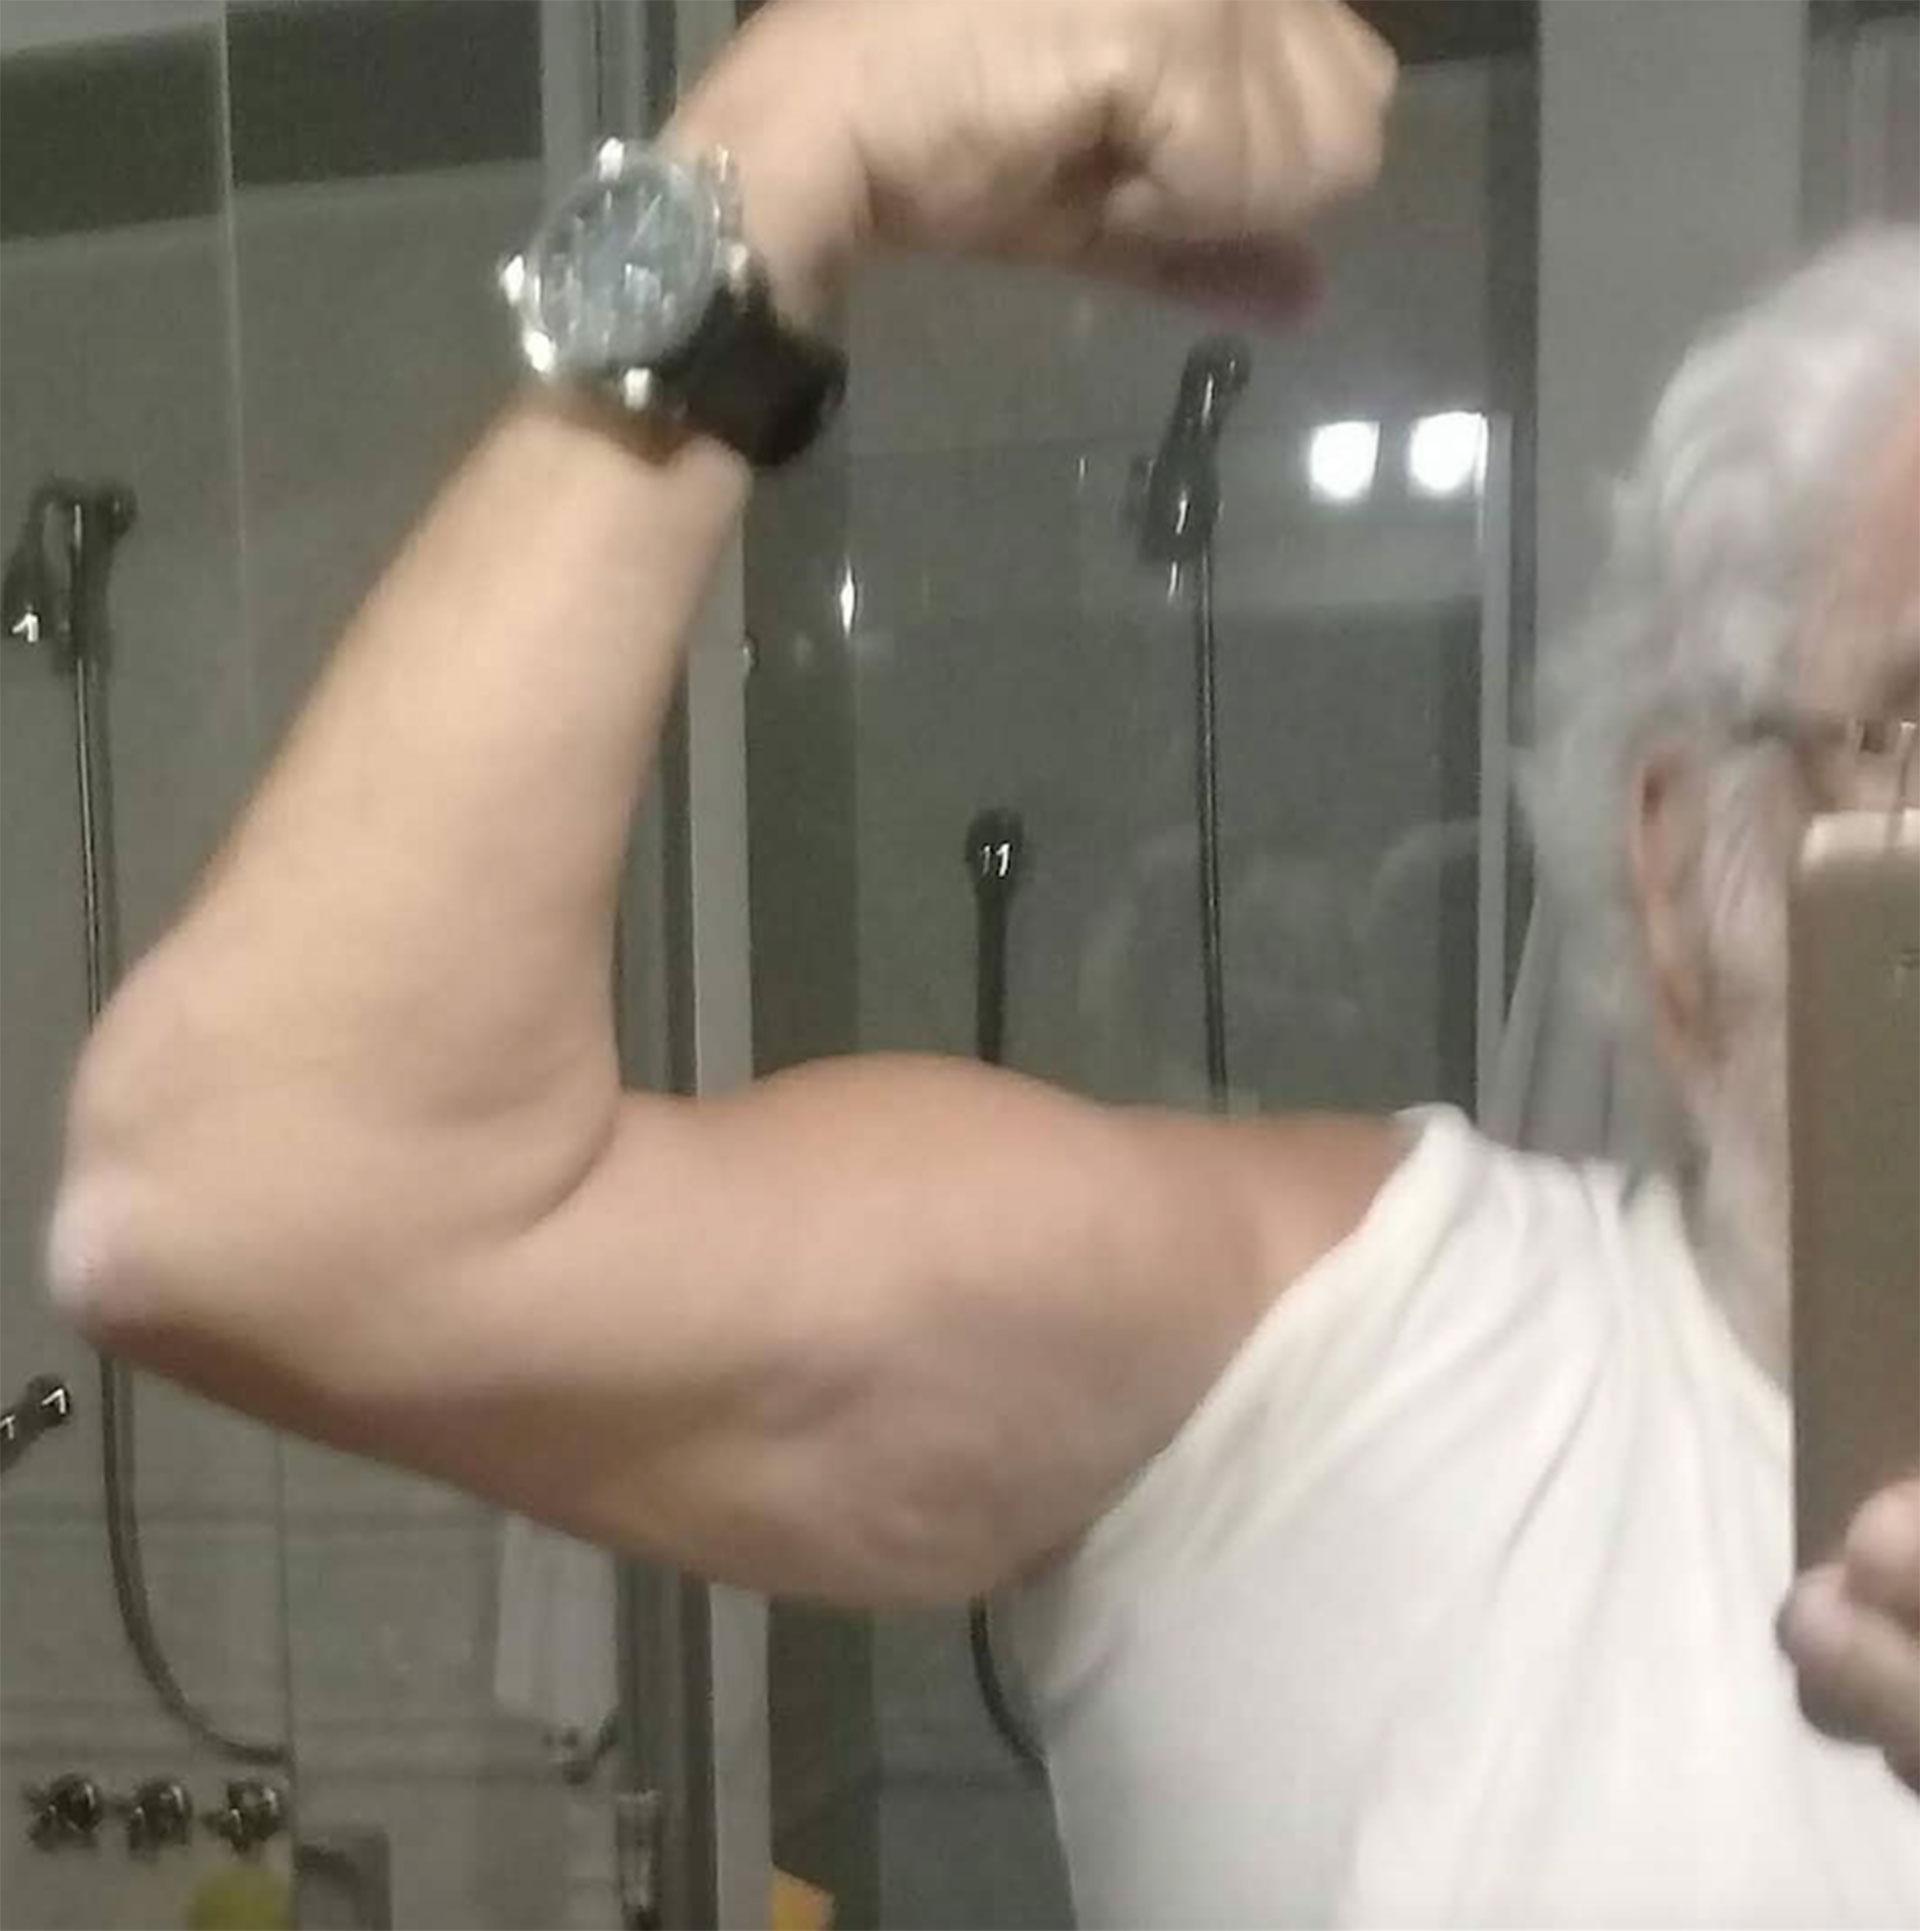 El bíceps de Pacho lo dice todo: pura fuerza y vitalidad.